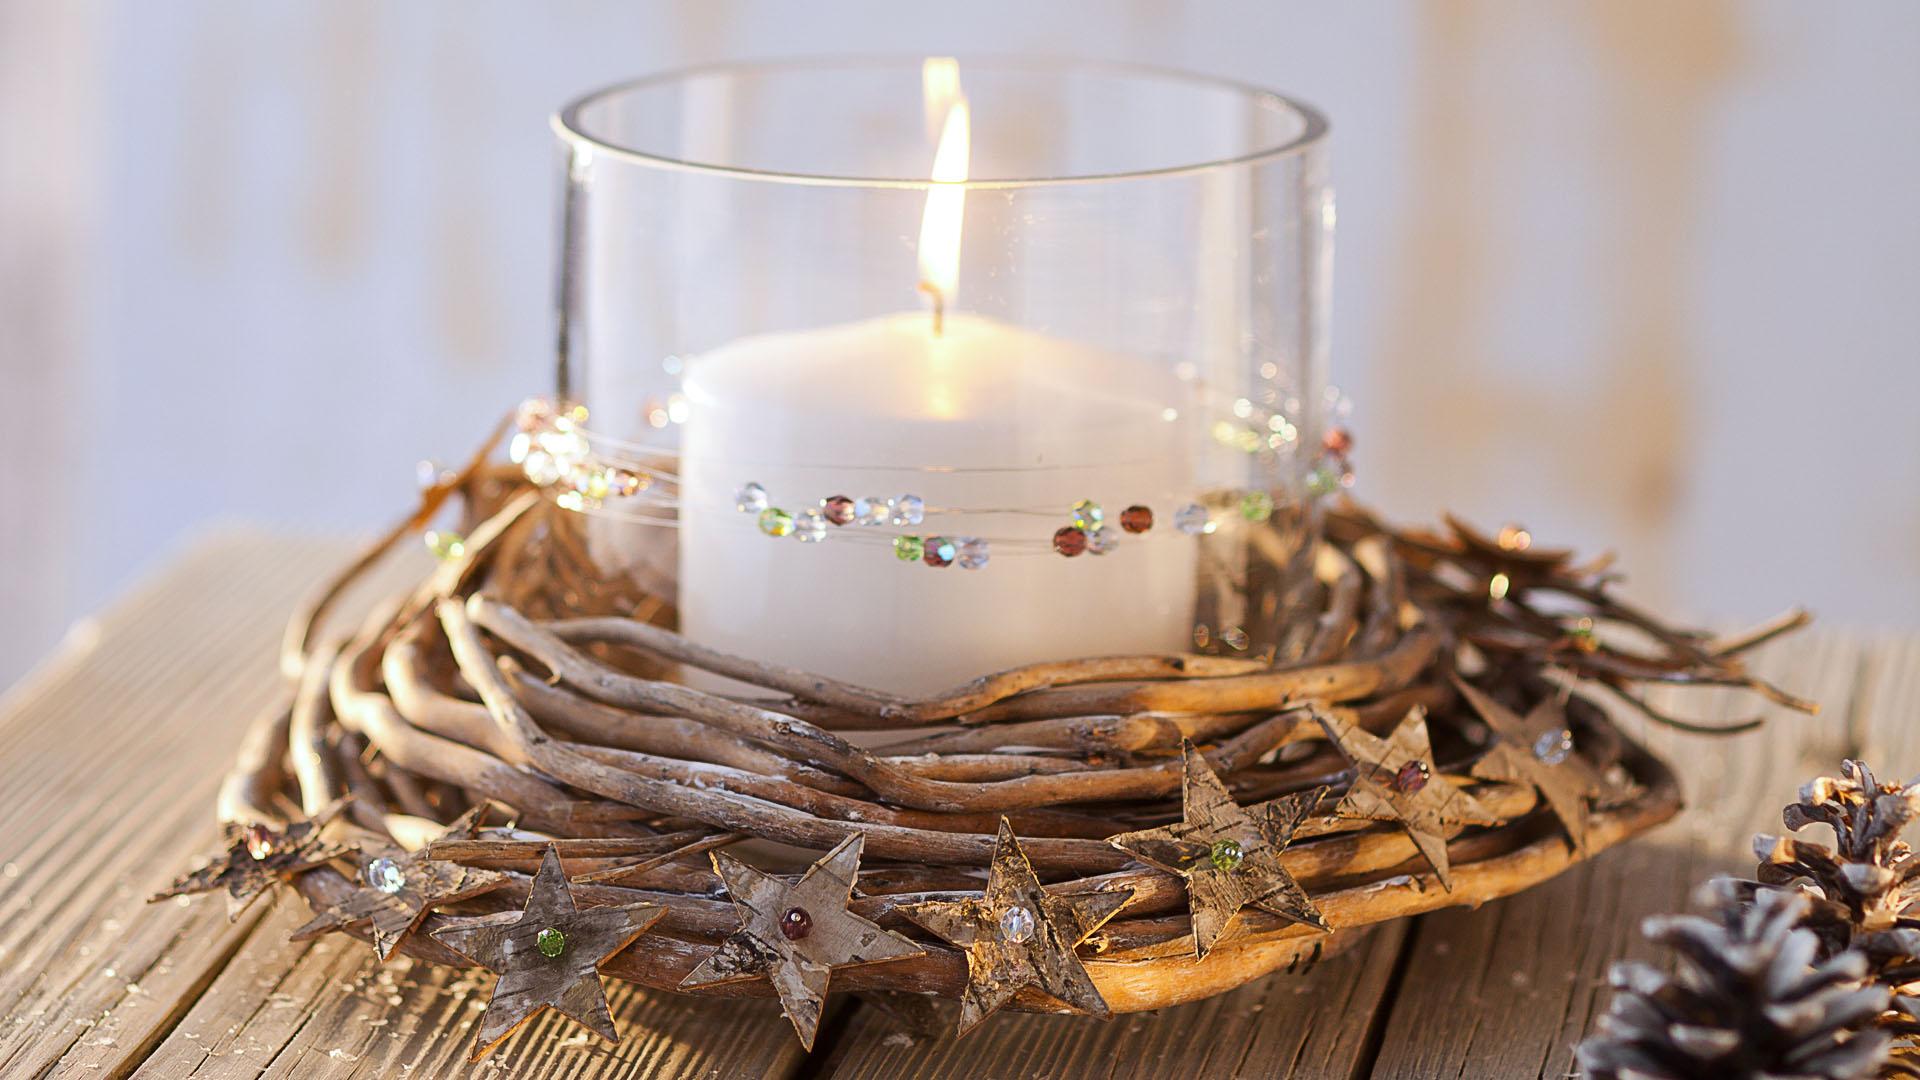 Ideen für Weihnachten: Winterliches Windlicht